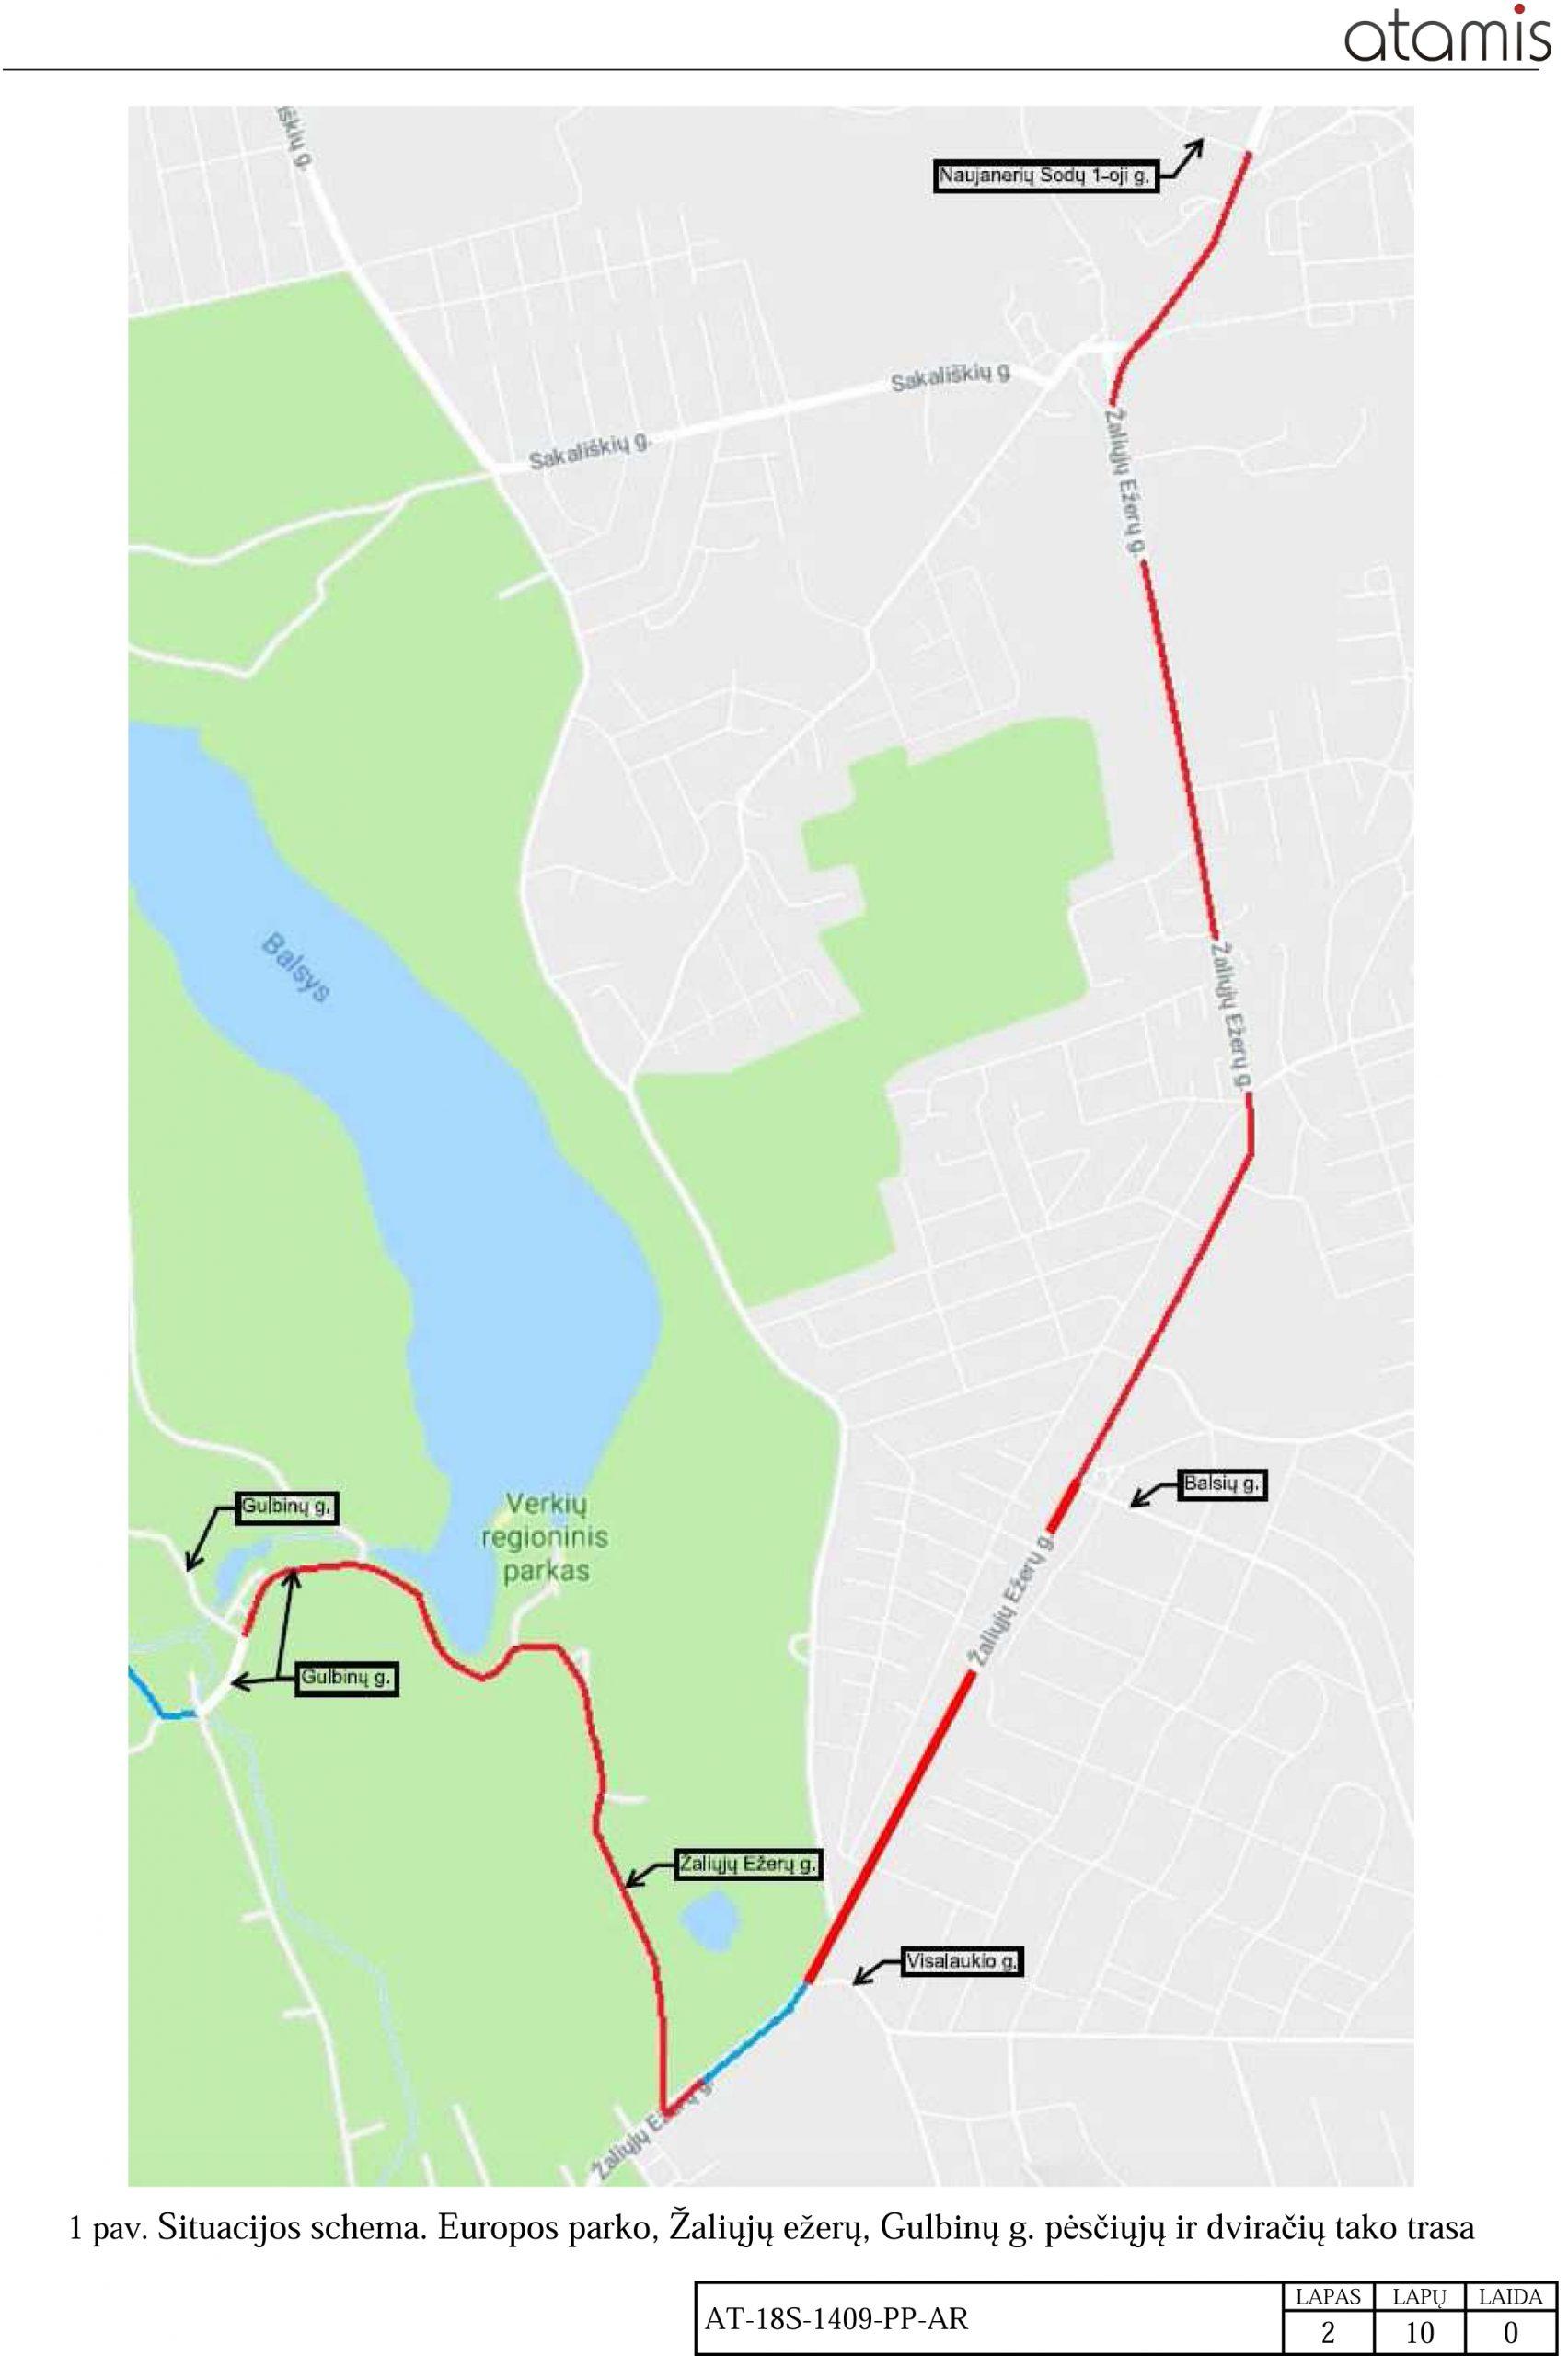 Visuomenės informavimas apie numatomą dviračių ir pėsčiųjų tako Gulbinų, Žaliųjų ežerų ir Europos parko gatvių atkarpose, Vilniuje, projektavimą